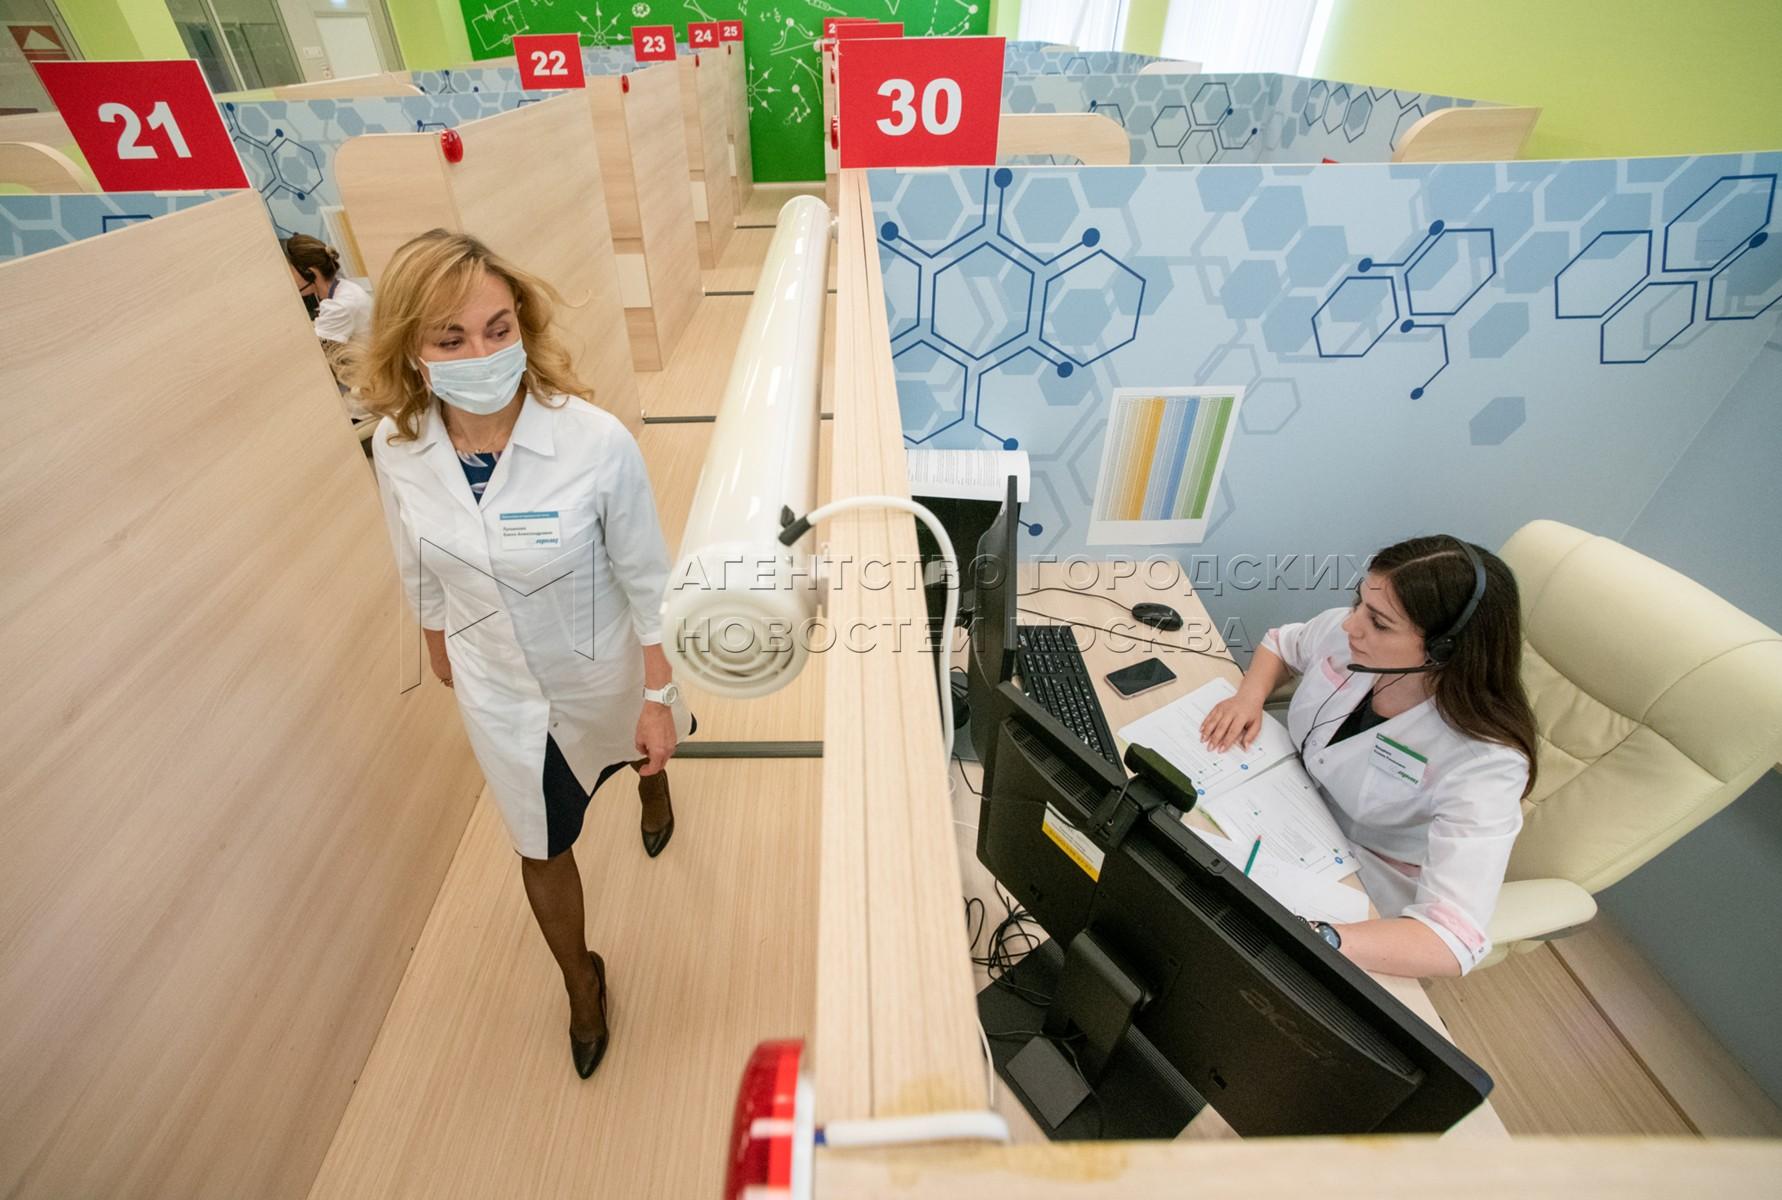 Работа телемедицинской службы с участниками пострегистрационного исследования вакцины против Covid-19.